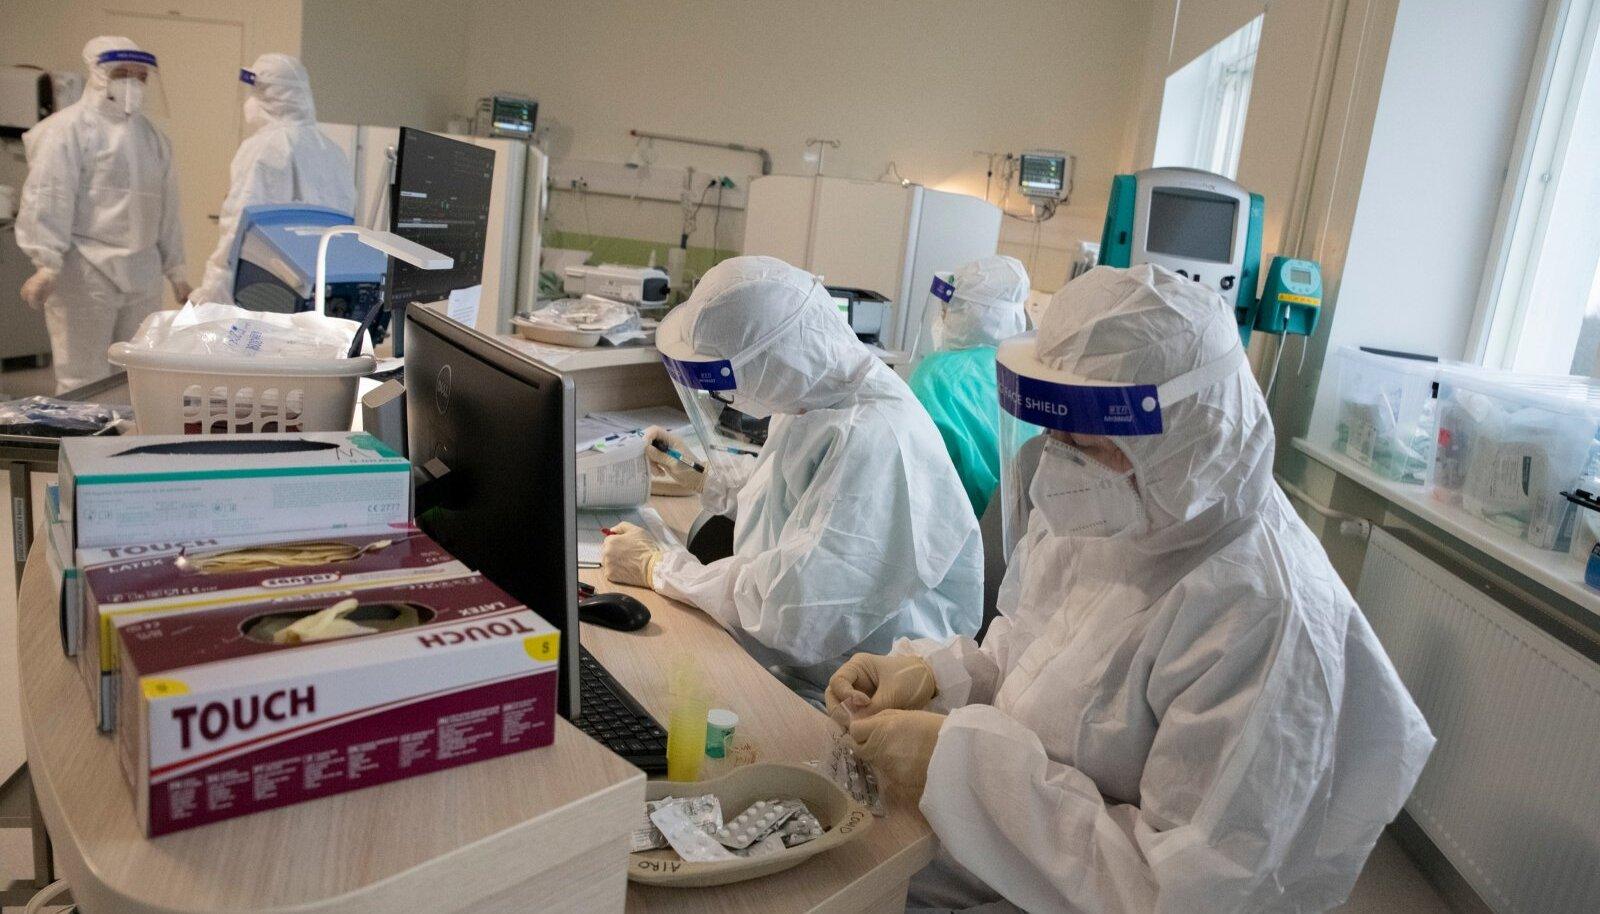 Need on ITK koroonaosakonna töötajad. Nende töö on inimesi ravida ja terveks teha. Nende ülesanne ei ole pista rinda kõige pöörasematele vandenõuteooriatele, mis nende tööd, pädevust, ülesandeid küsimärgi alla paneb